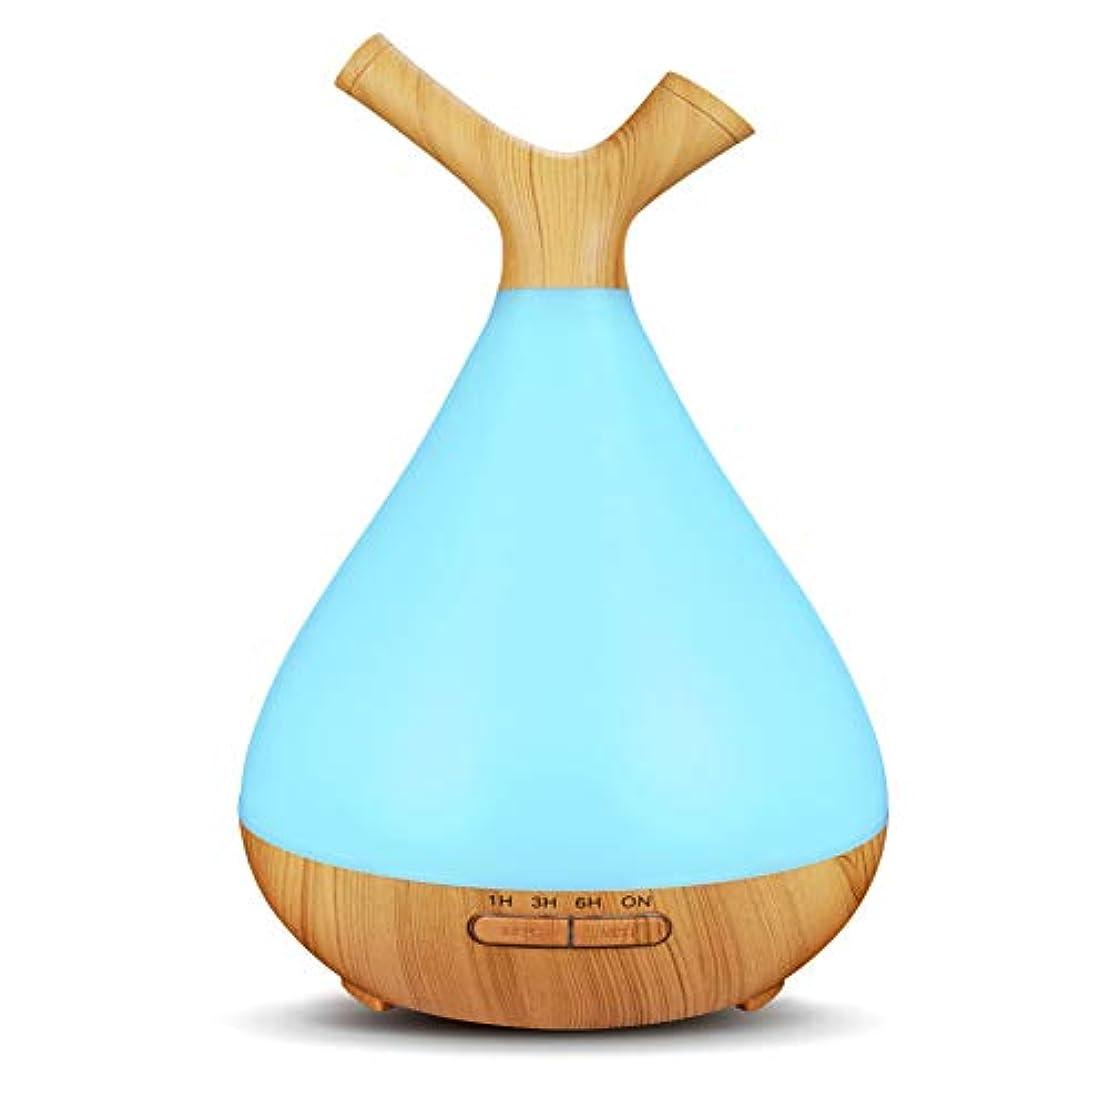 預言者不明瞭行方不明木目 2 ノズル 7 色 加湿器,涼しい霧 時間 加湿機 調整可能 香り 精油 ディフューザー 空気を浄化 オフィス ベッド- 400ml